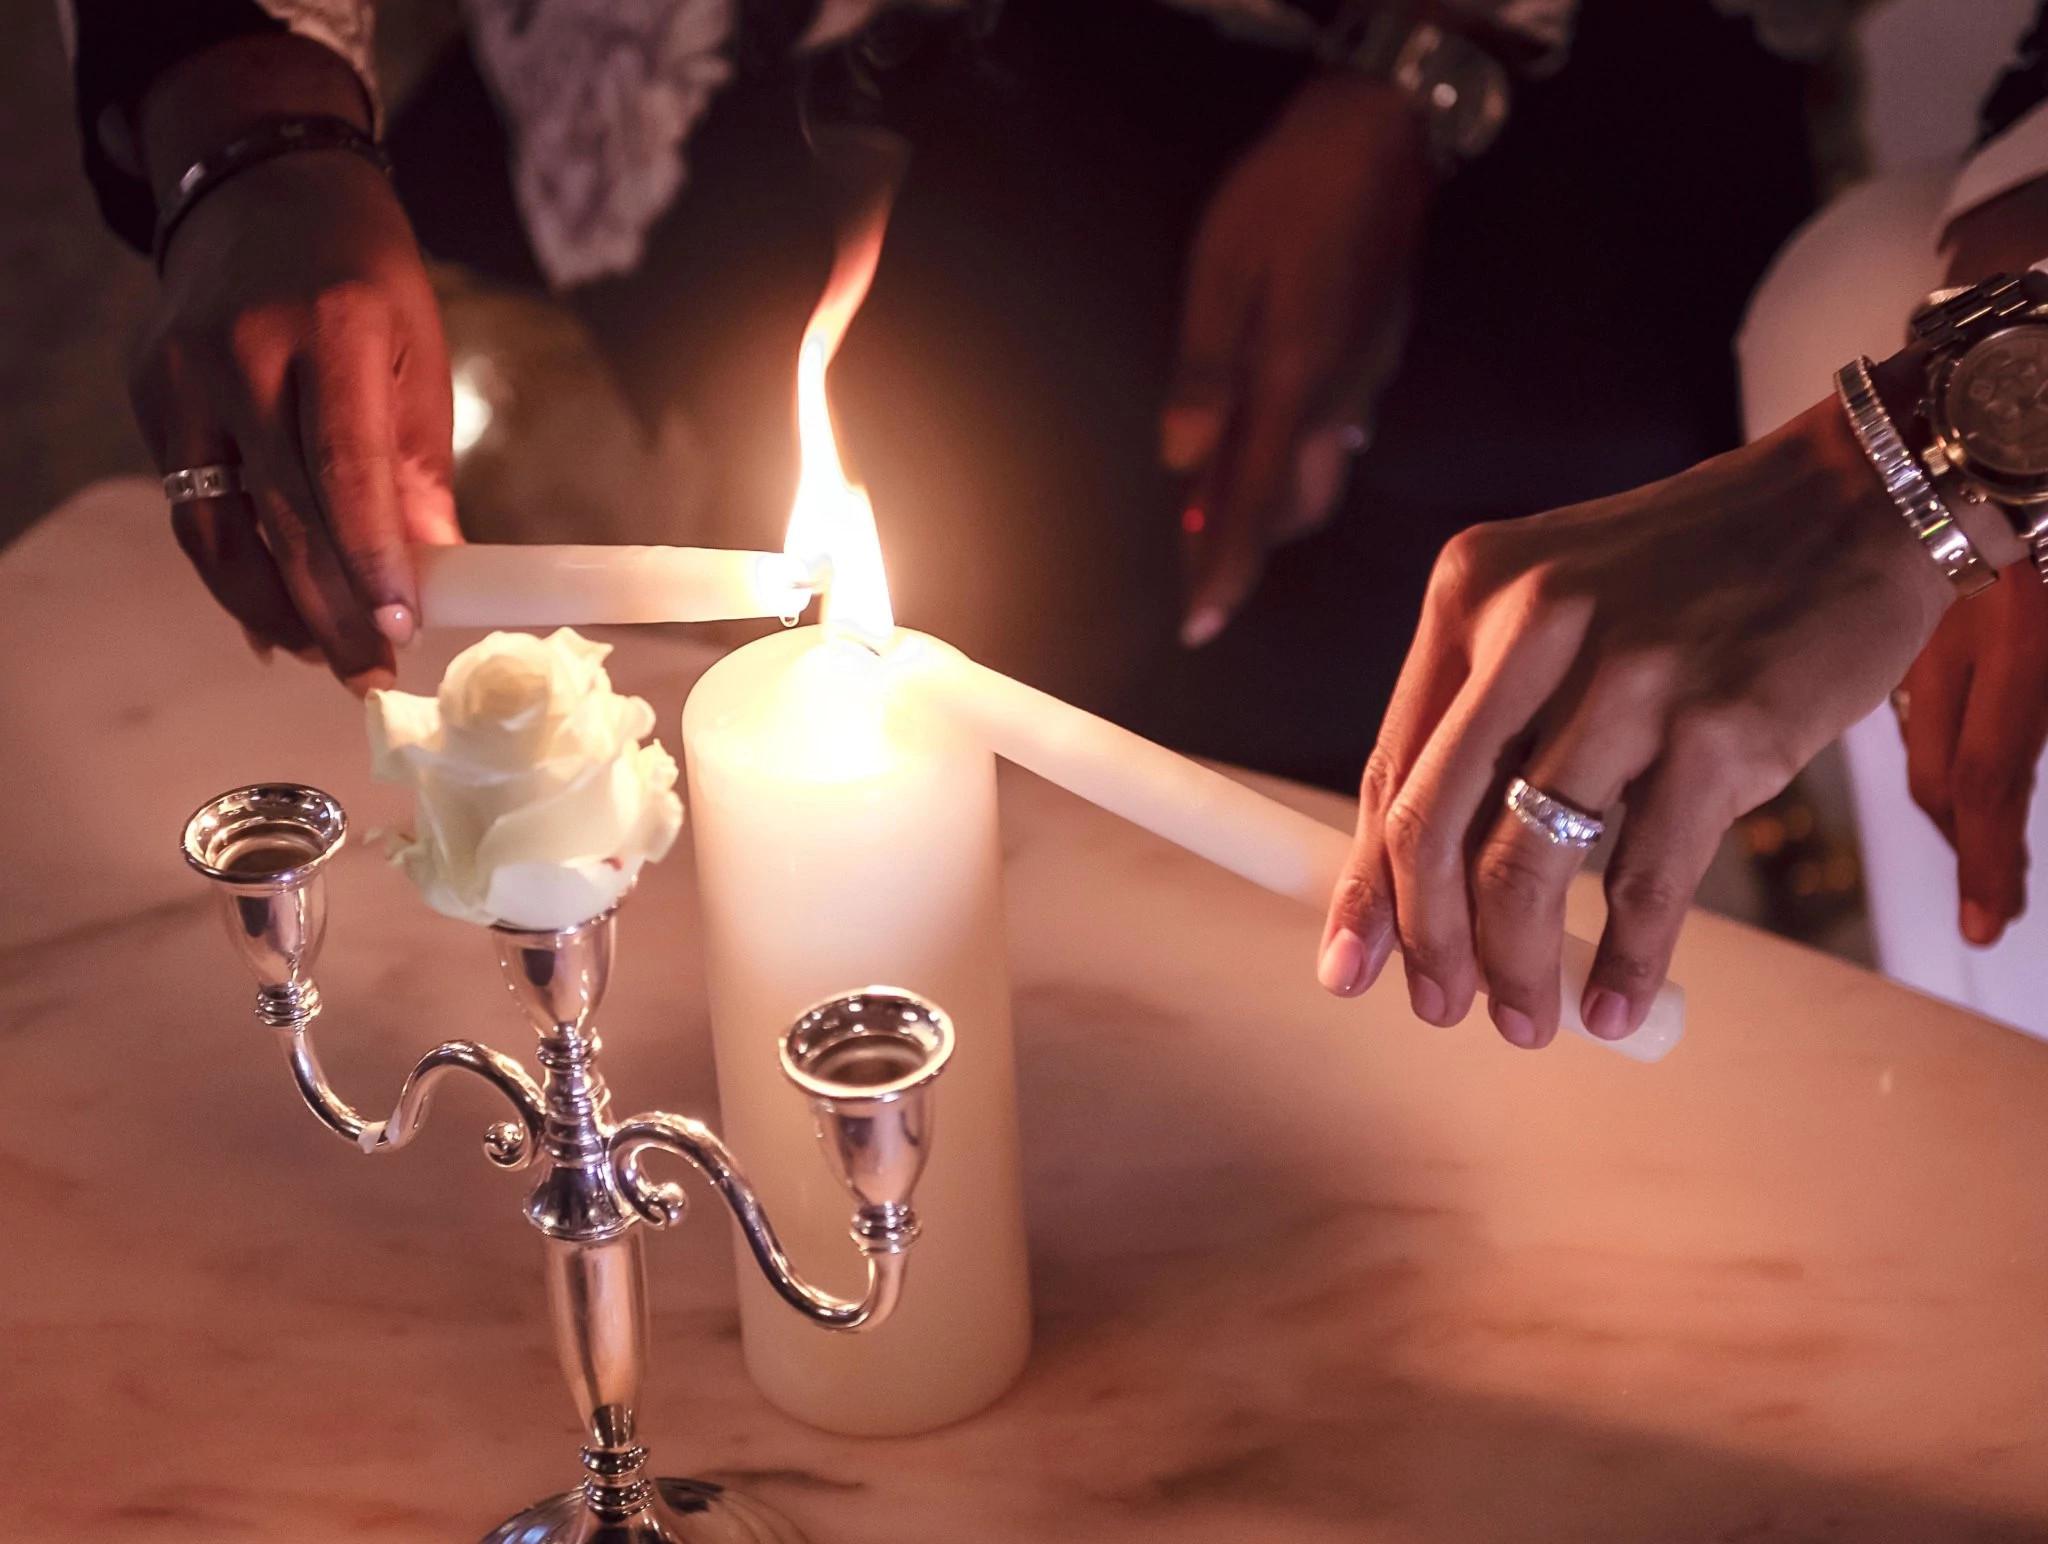 大卫和约翰尼婚礼现场点燃了一支代表团结的蜡烛